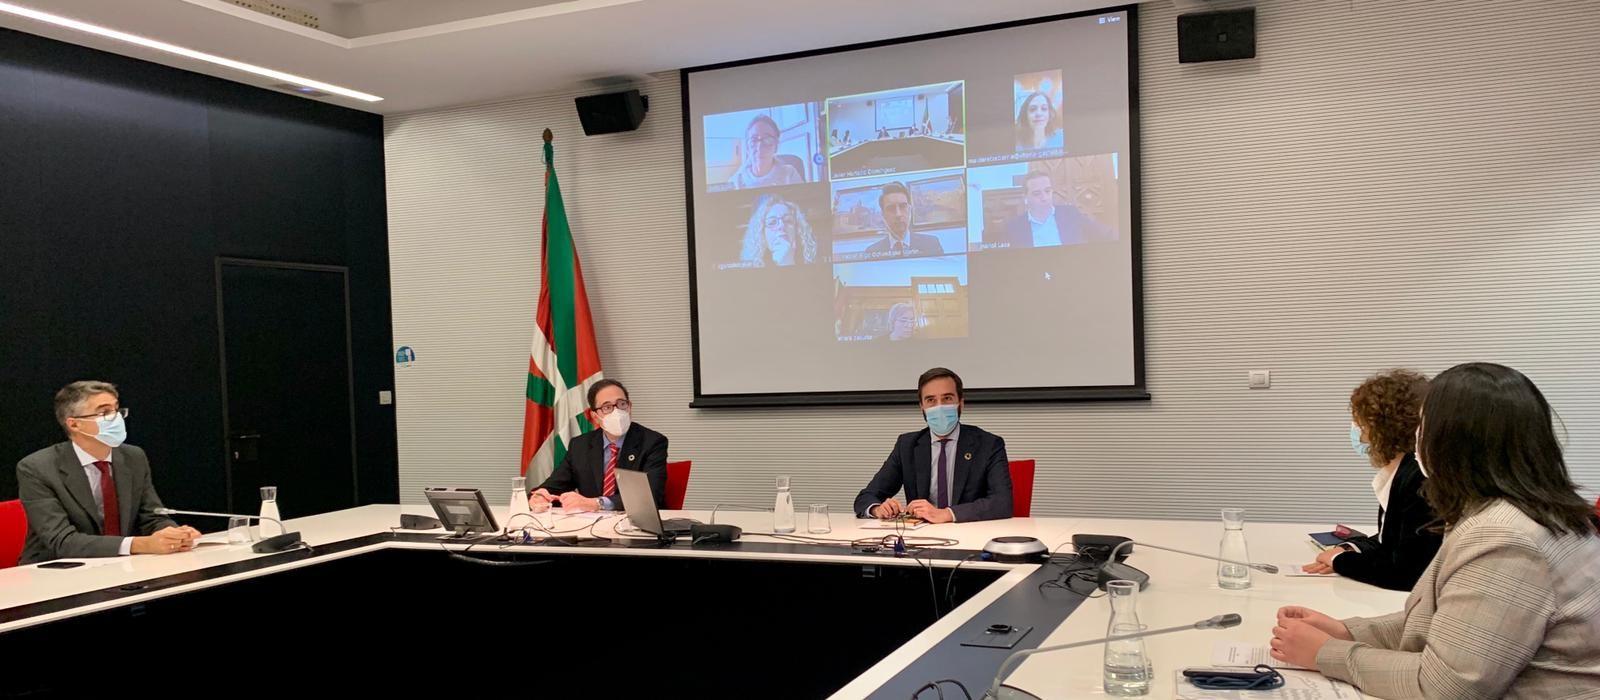 El Consejero Javier Hurtado anuncia 15 millones extras para el Plan de resistencia del turismo, hostelería y comercio [0:00]